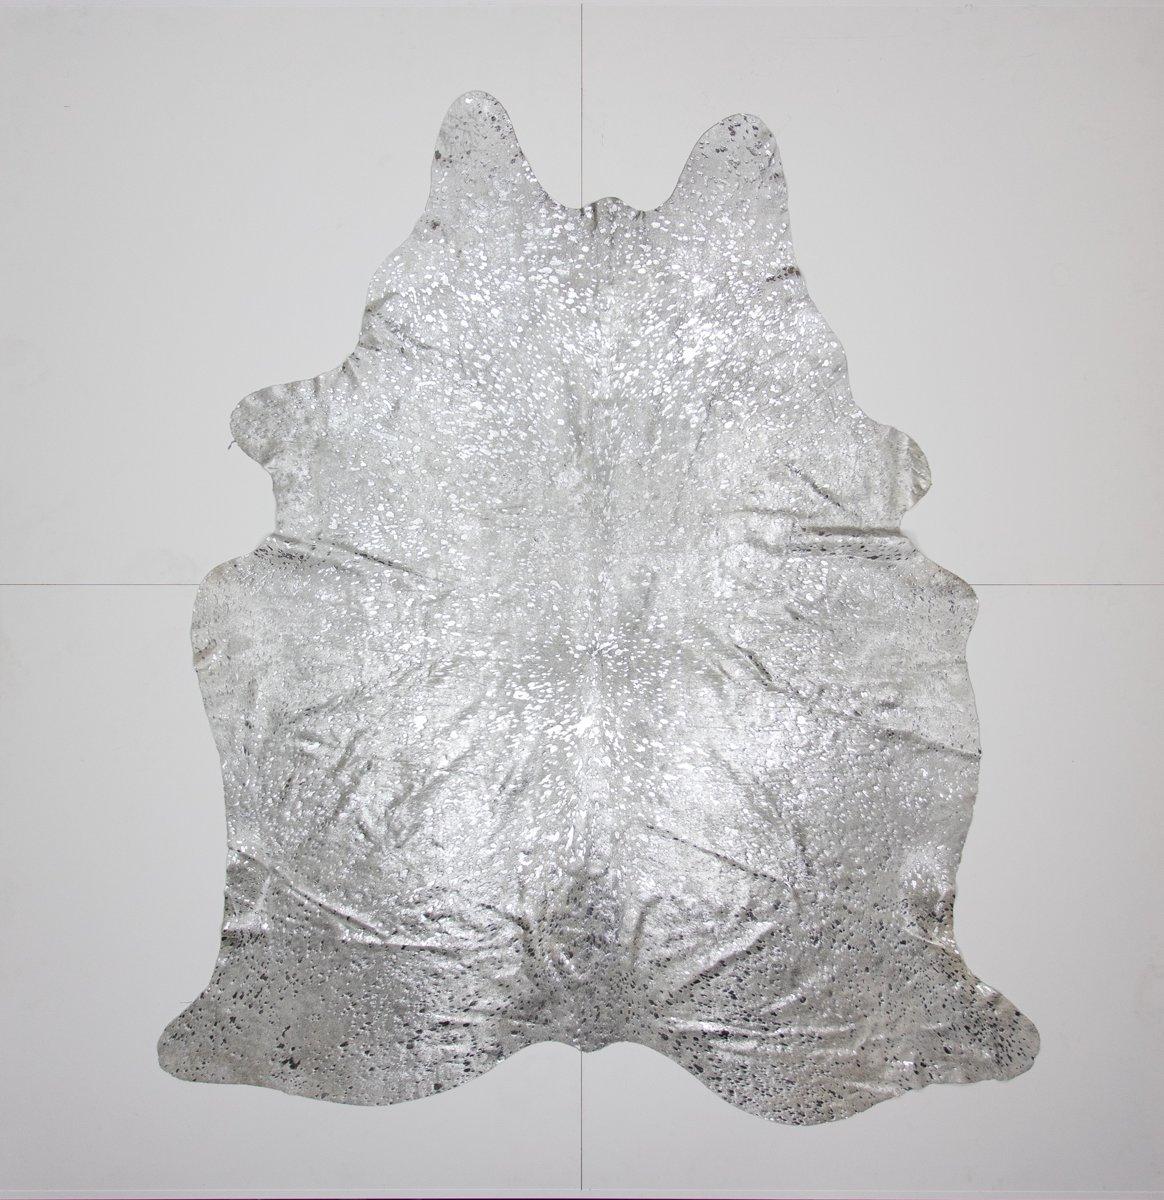 KOELAP Koeienhuid Vloerkleed - Grijs Disco - 185 x 215 cm - 1000781 kopen